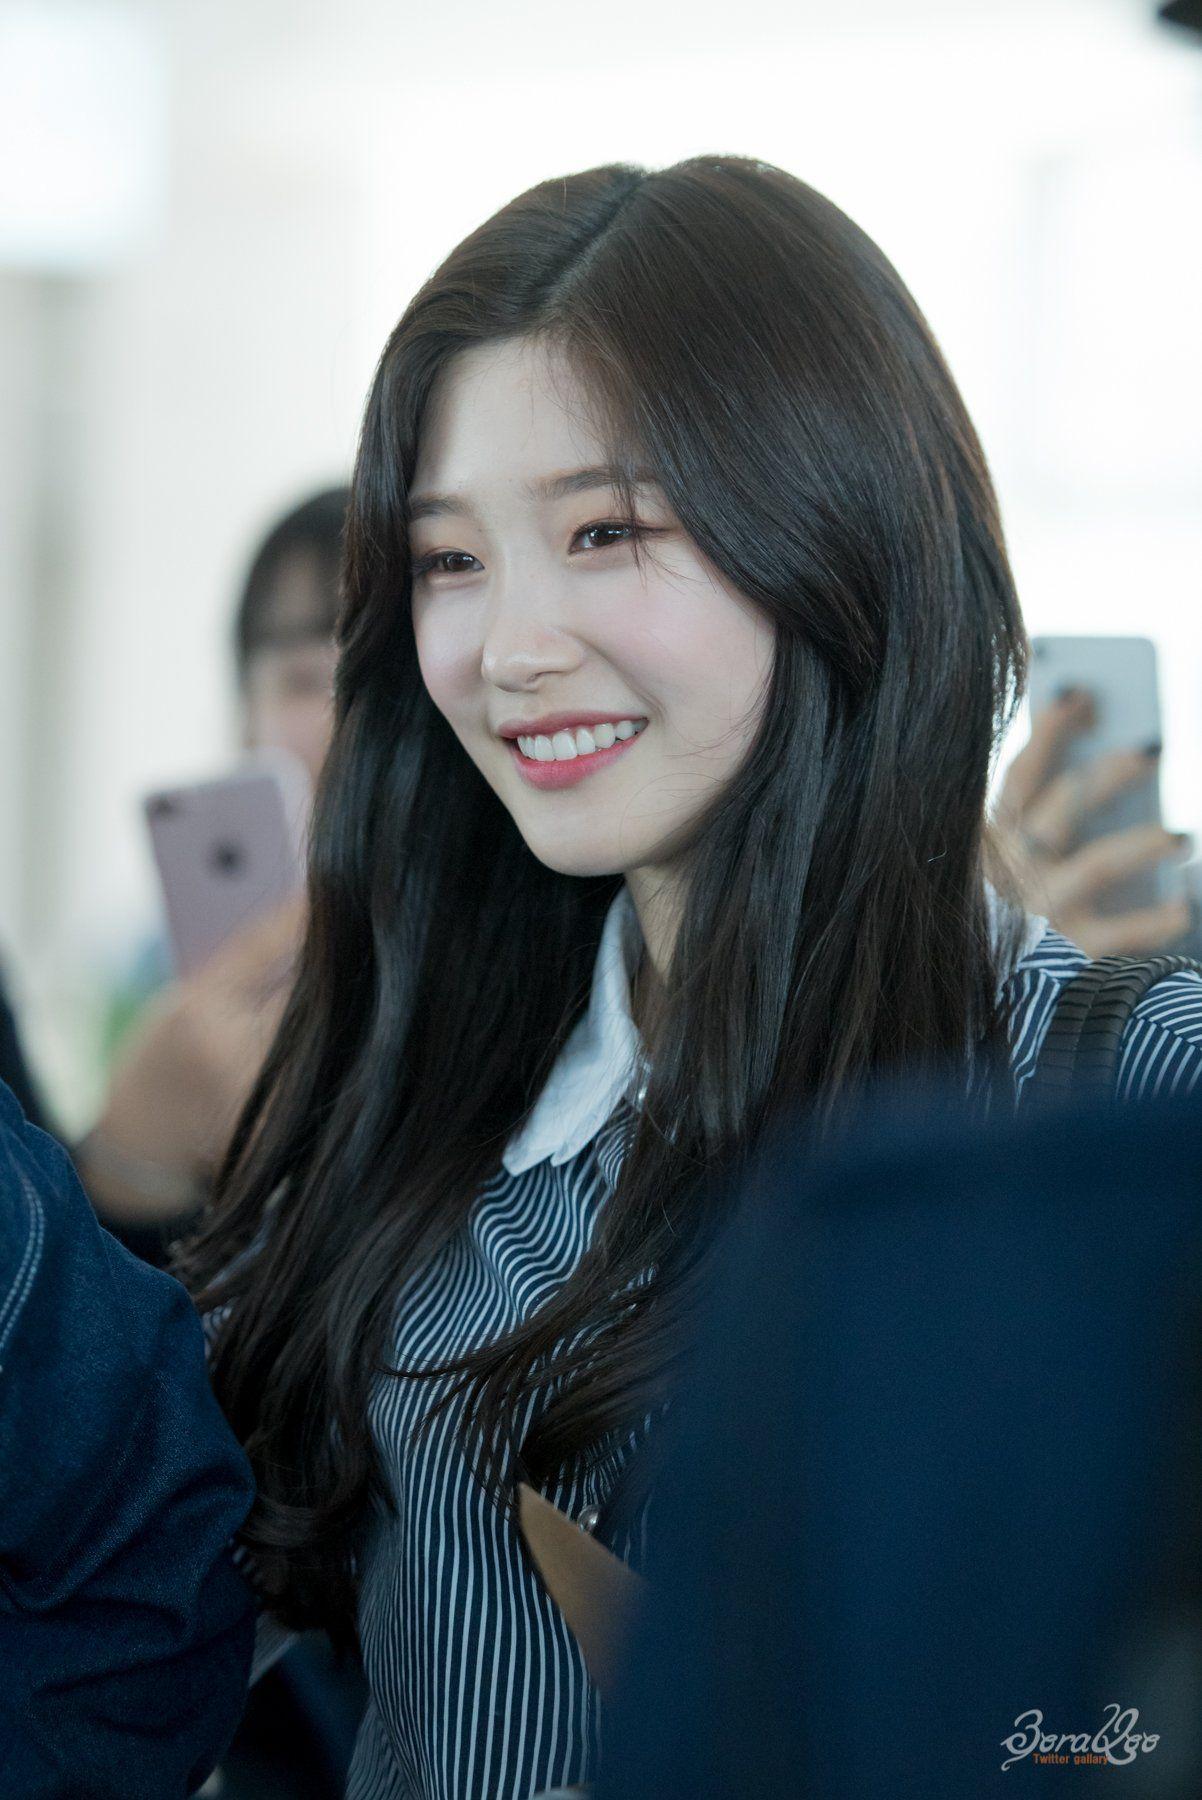 Dating korean girl reddit